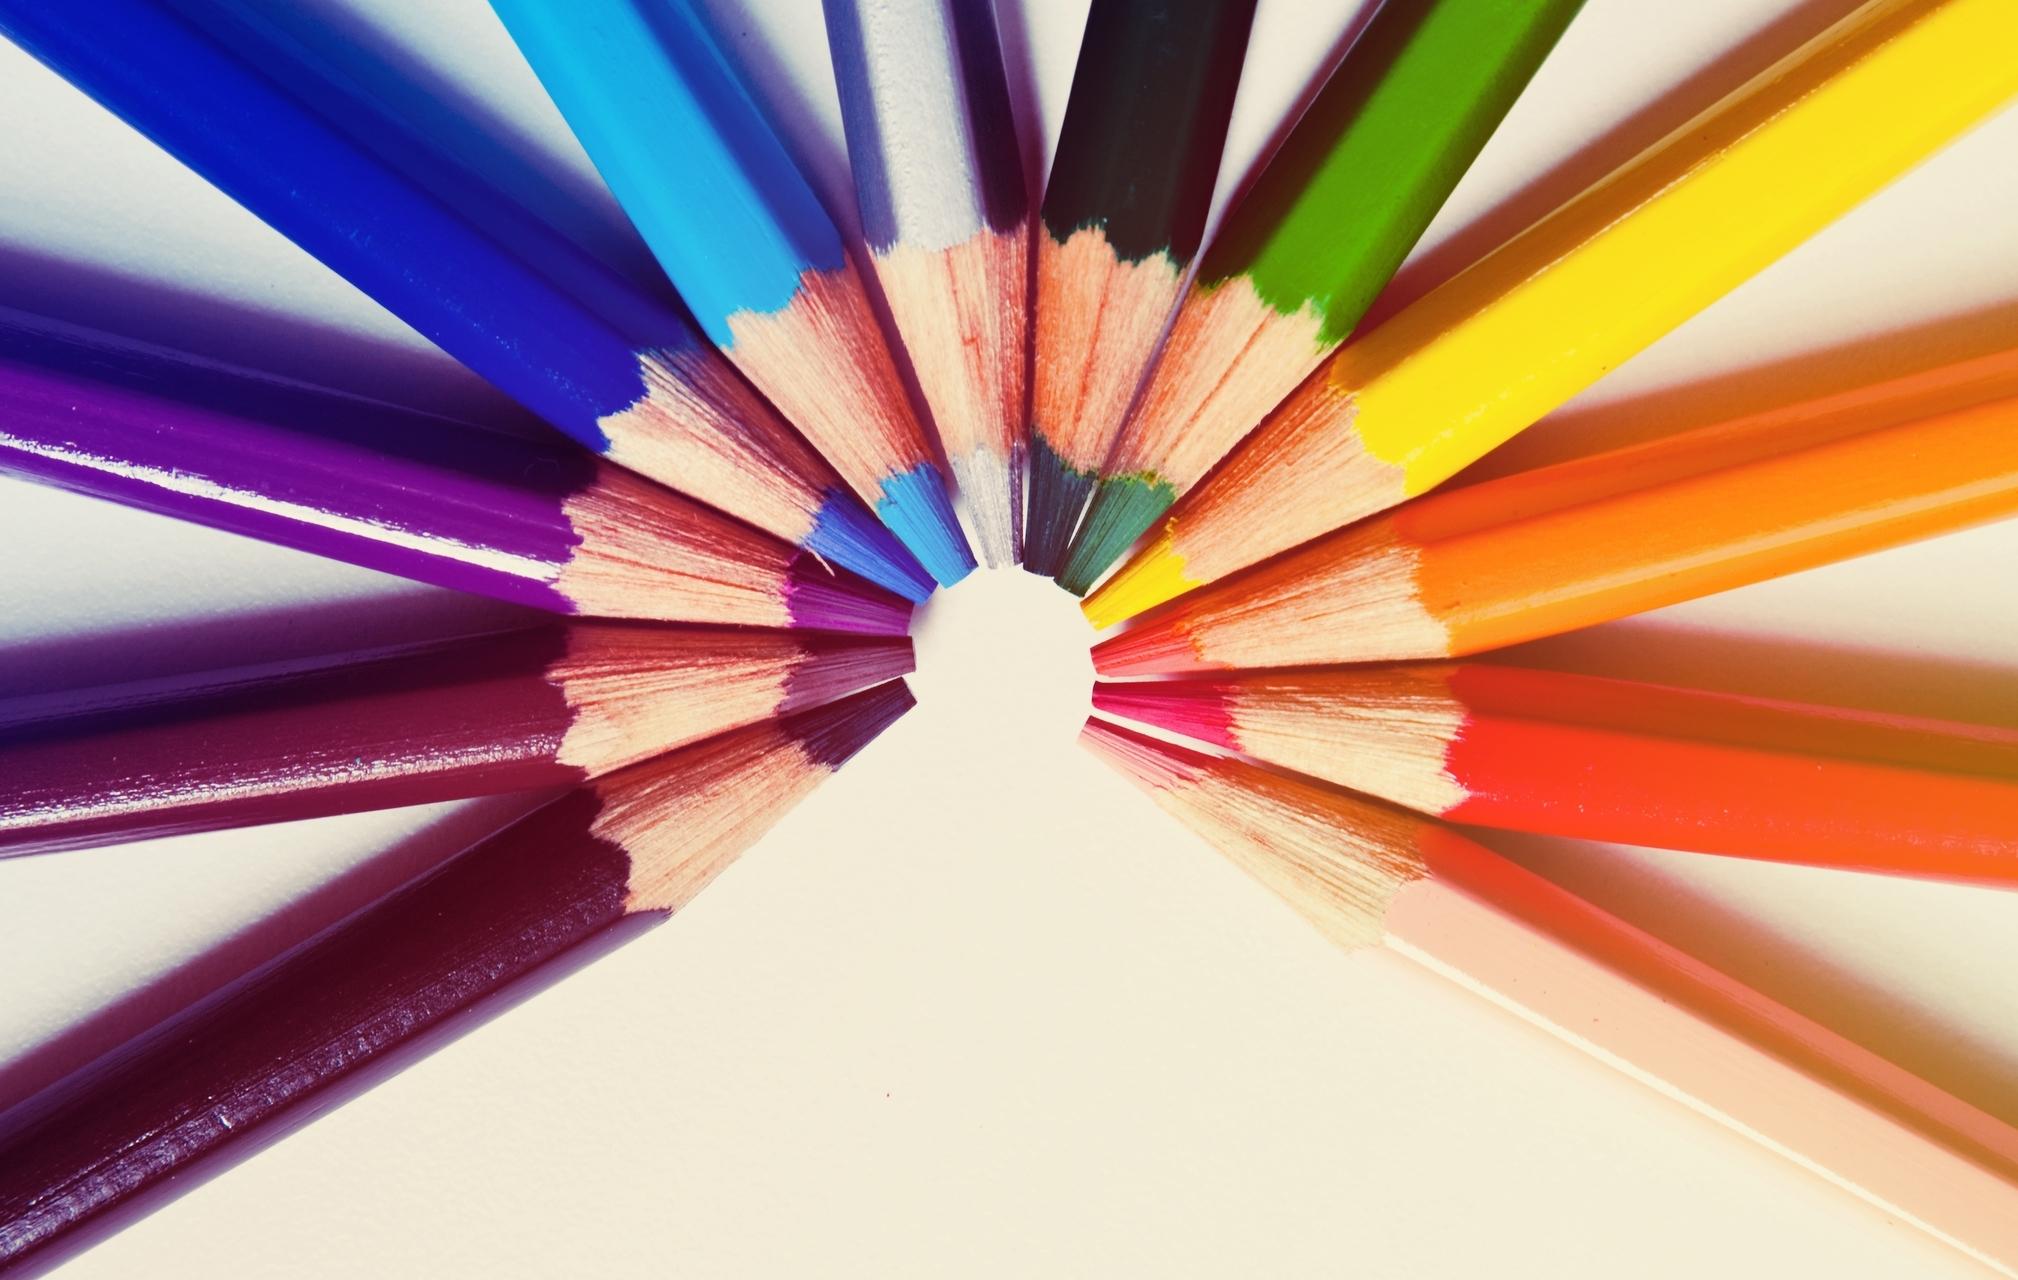 разноцветные карандаши  № 2931995 бесплатно